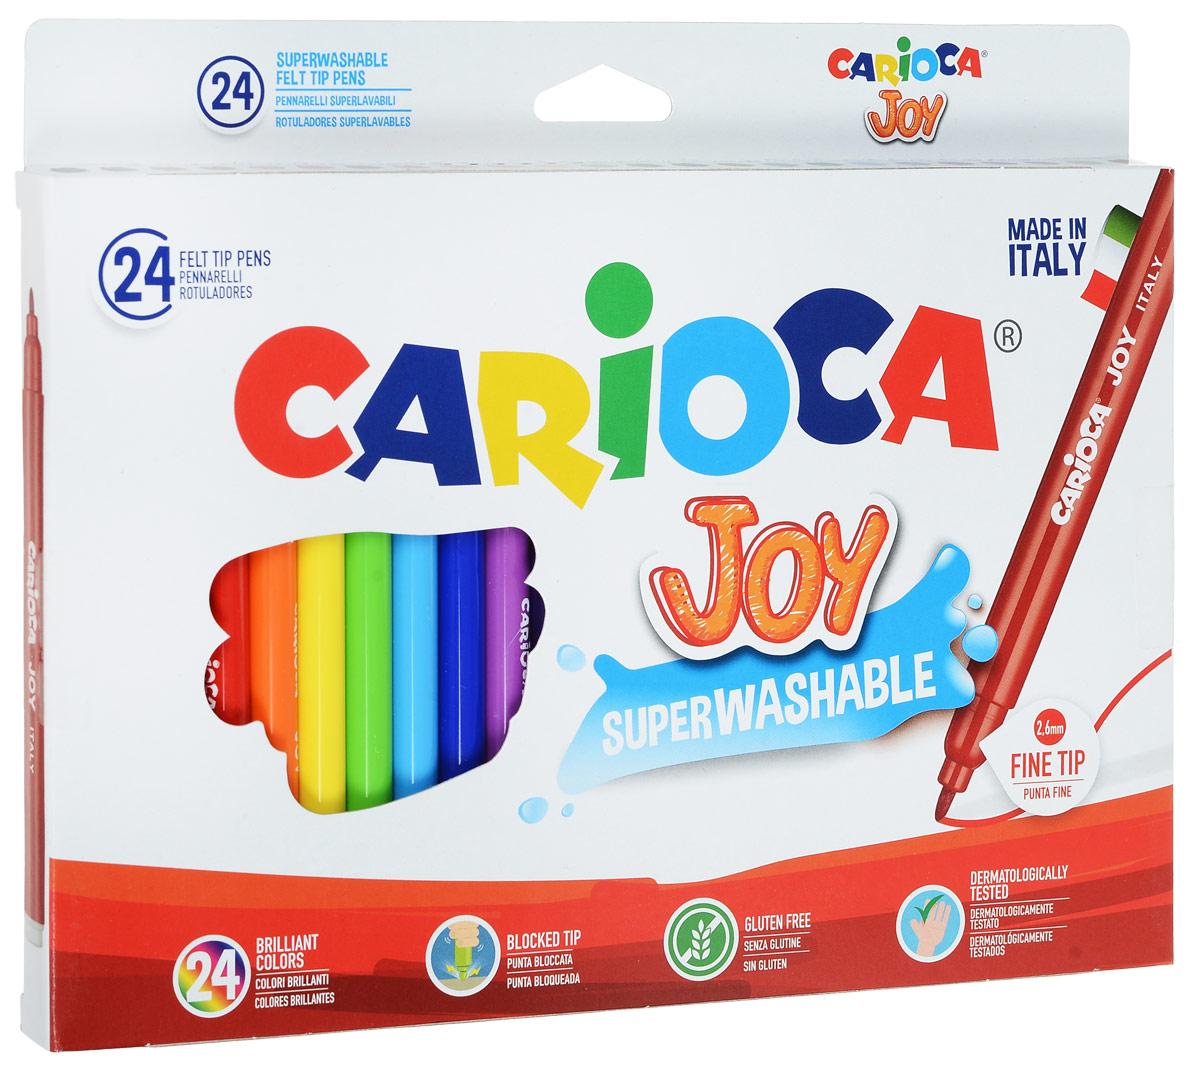 Carioca Набор фломастеров Joy 24 цвета40615/24Набор фломастеров Carioca Joy, предназначенные для художественно- оформительских работ, обязательно порадуют вашего юного художника и помогутсоздать ему неповторимые и яркие картинки.Набор включает в себя 24фломастера ярких насыщенных цветов. Специальные чернила на водной основелегко смываются с кожи и удаляются с большинства тканей. Корпус фломастеровизготовлен из пластика, а колпачок имеет специальные прорези, что еще большеувеличивает срок службы чернил и предотвращает их преждевременноевысыхание. Уважаемые клиенты!Обращаем ваше внимание на возможные изменения в дизайне упаковки. Качественные характеристики товараостаются неизменными. Поставка осуществляется в зависимости от наличия на складе.